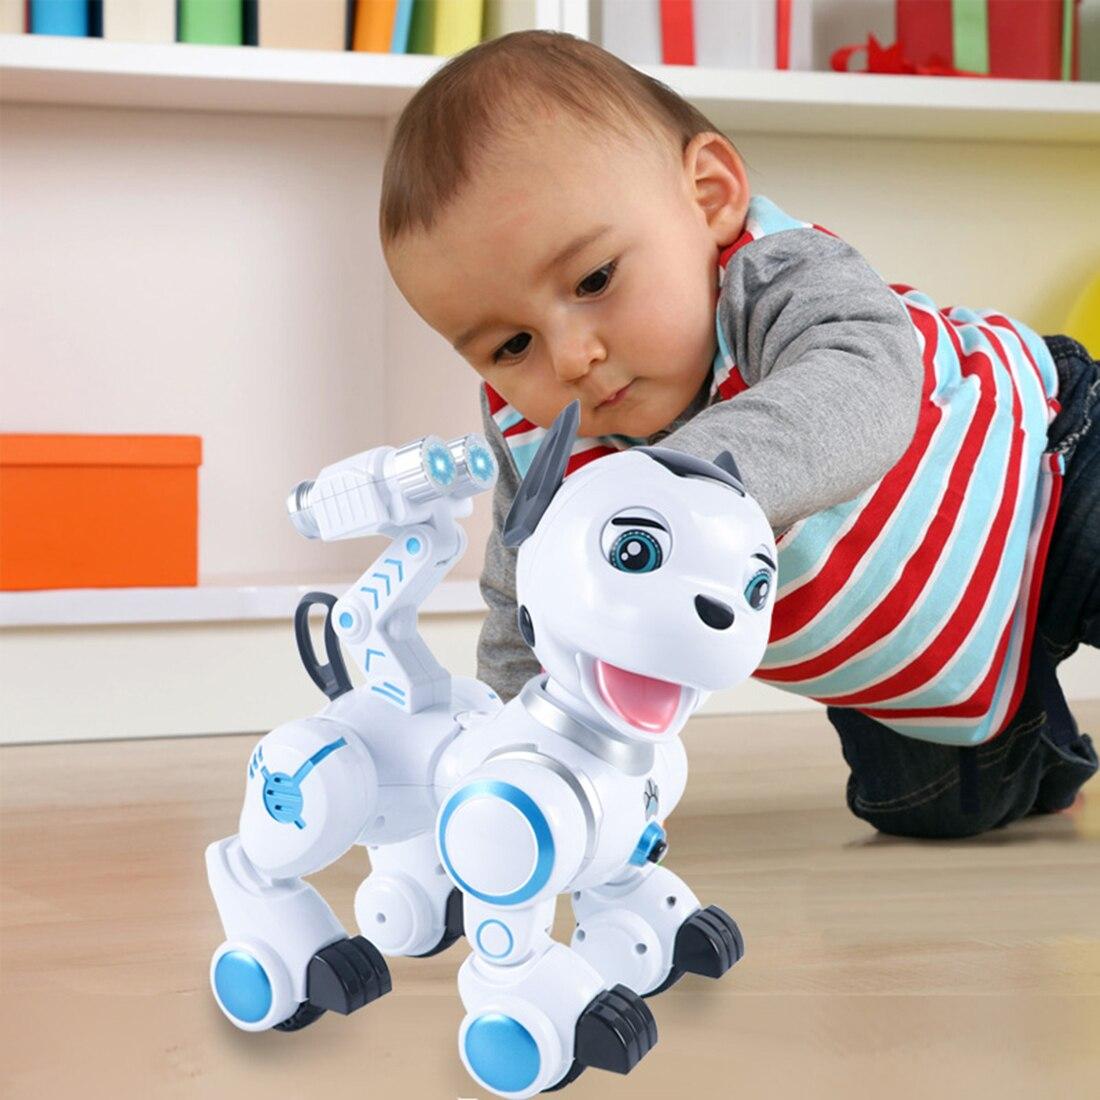 Enfants Tôt Éducation Pet Chien Intelligent RC Robot Intelligent Patrouille Jouet Pour Chien avec Danse Clin D'oeil pour Enfant Cadeau D'anniversaire - 3